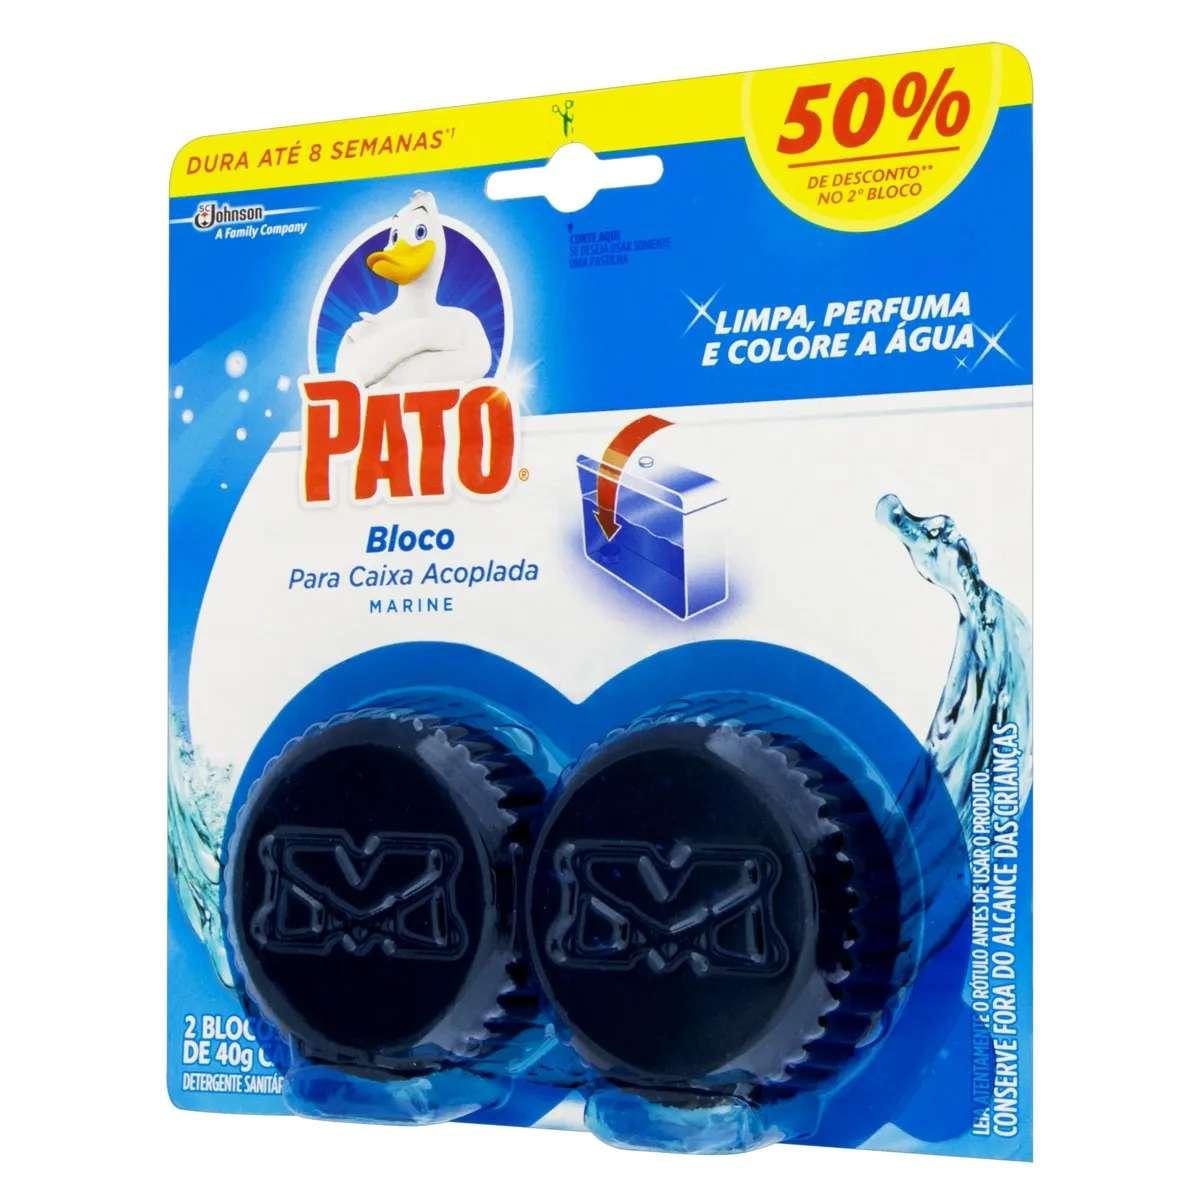 Detergente Sanitário Bloco para Caixa Acoplada Marine Pato 40g kit com 4 emb.